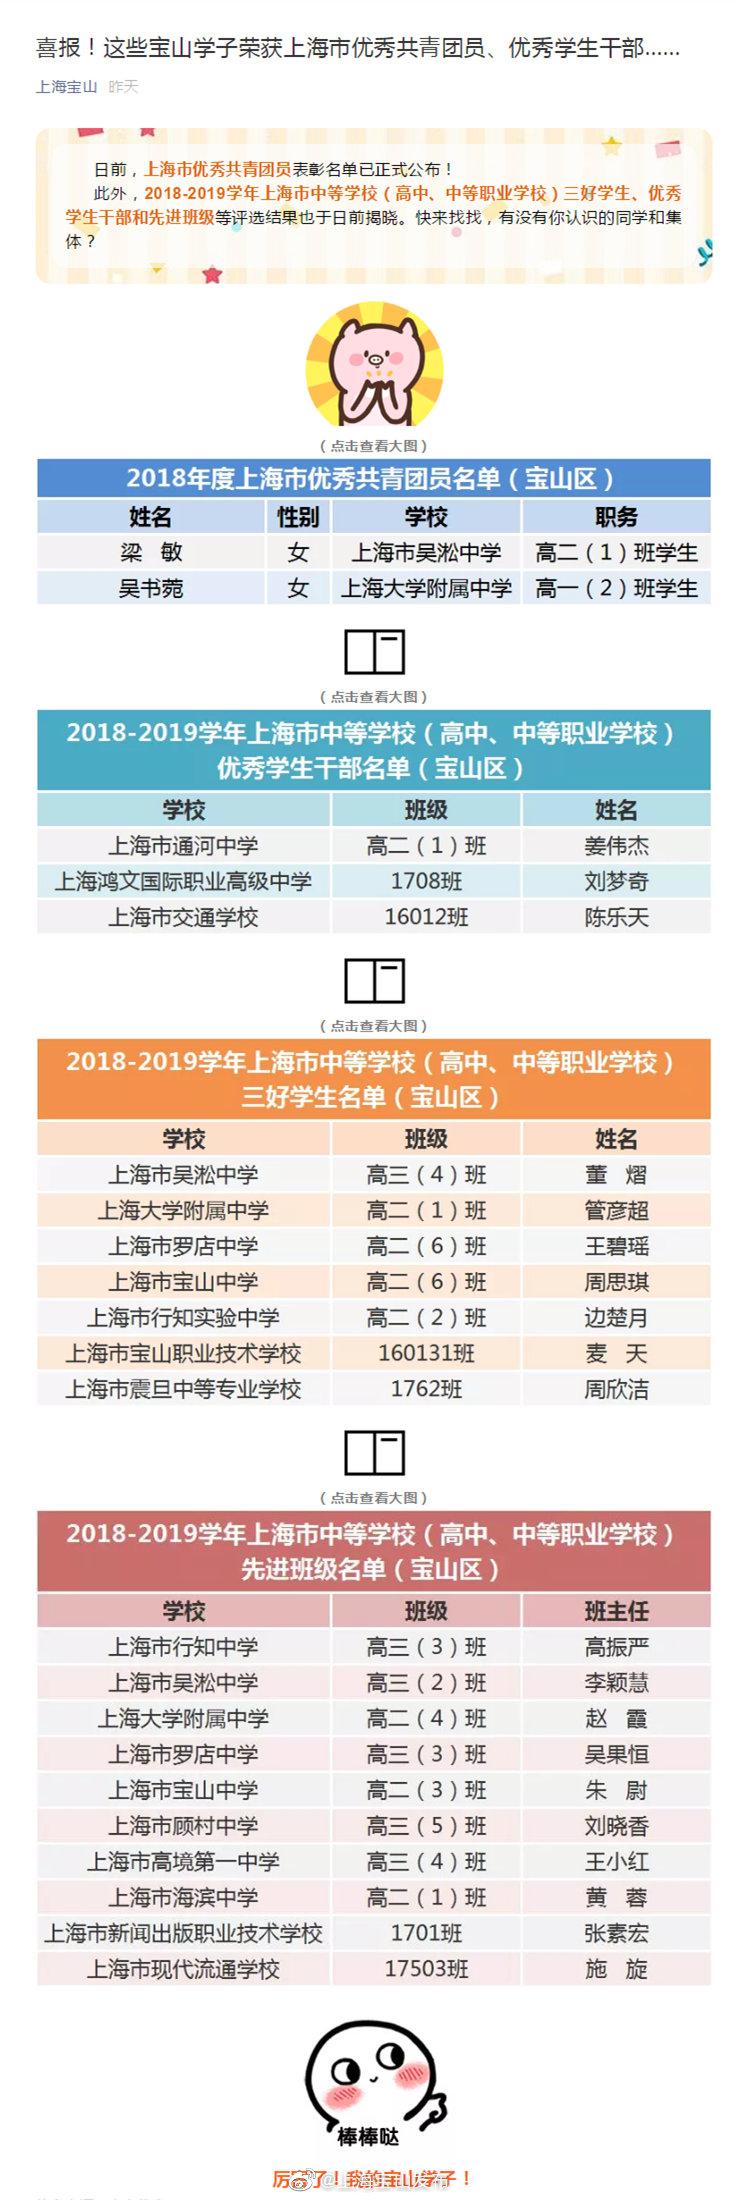 喜报!这些宝山学子荣获上海市优秀共青团员、优秀学生干部